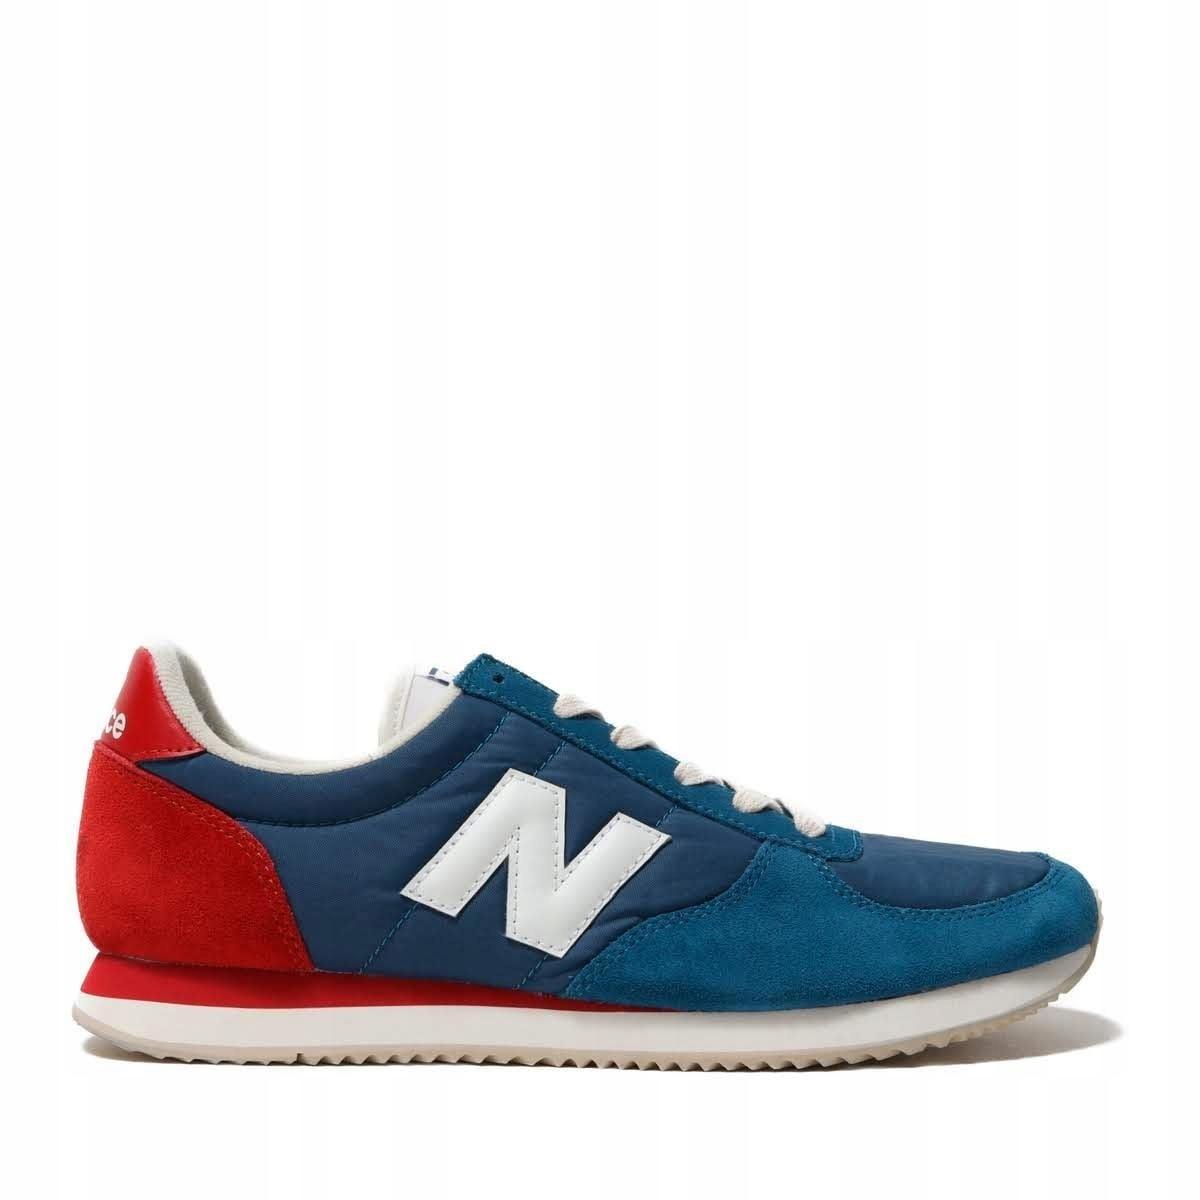 Buty New Balance NBU220FF NBU220FF-a2 r 43